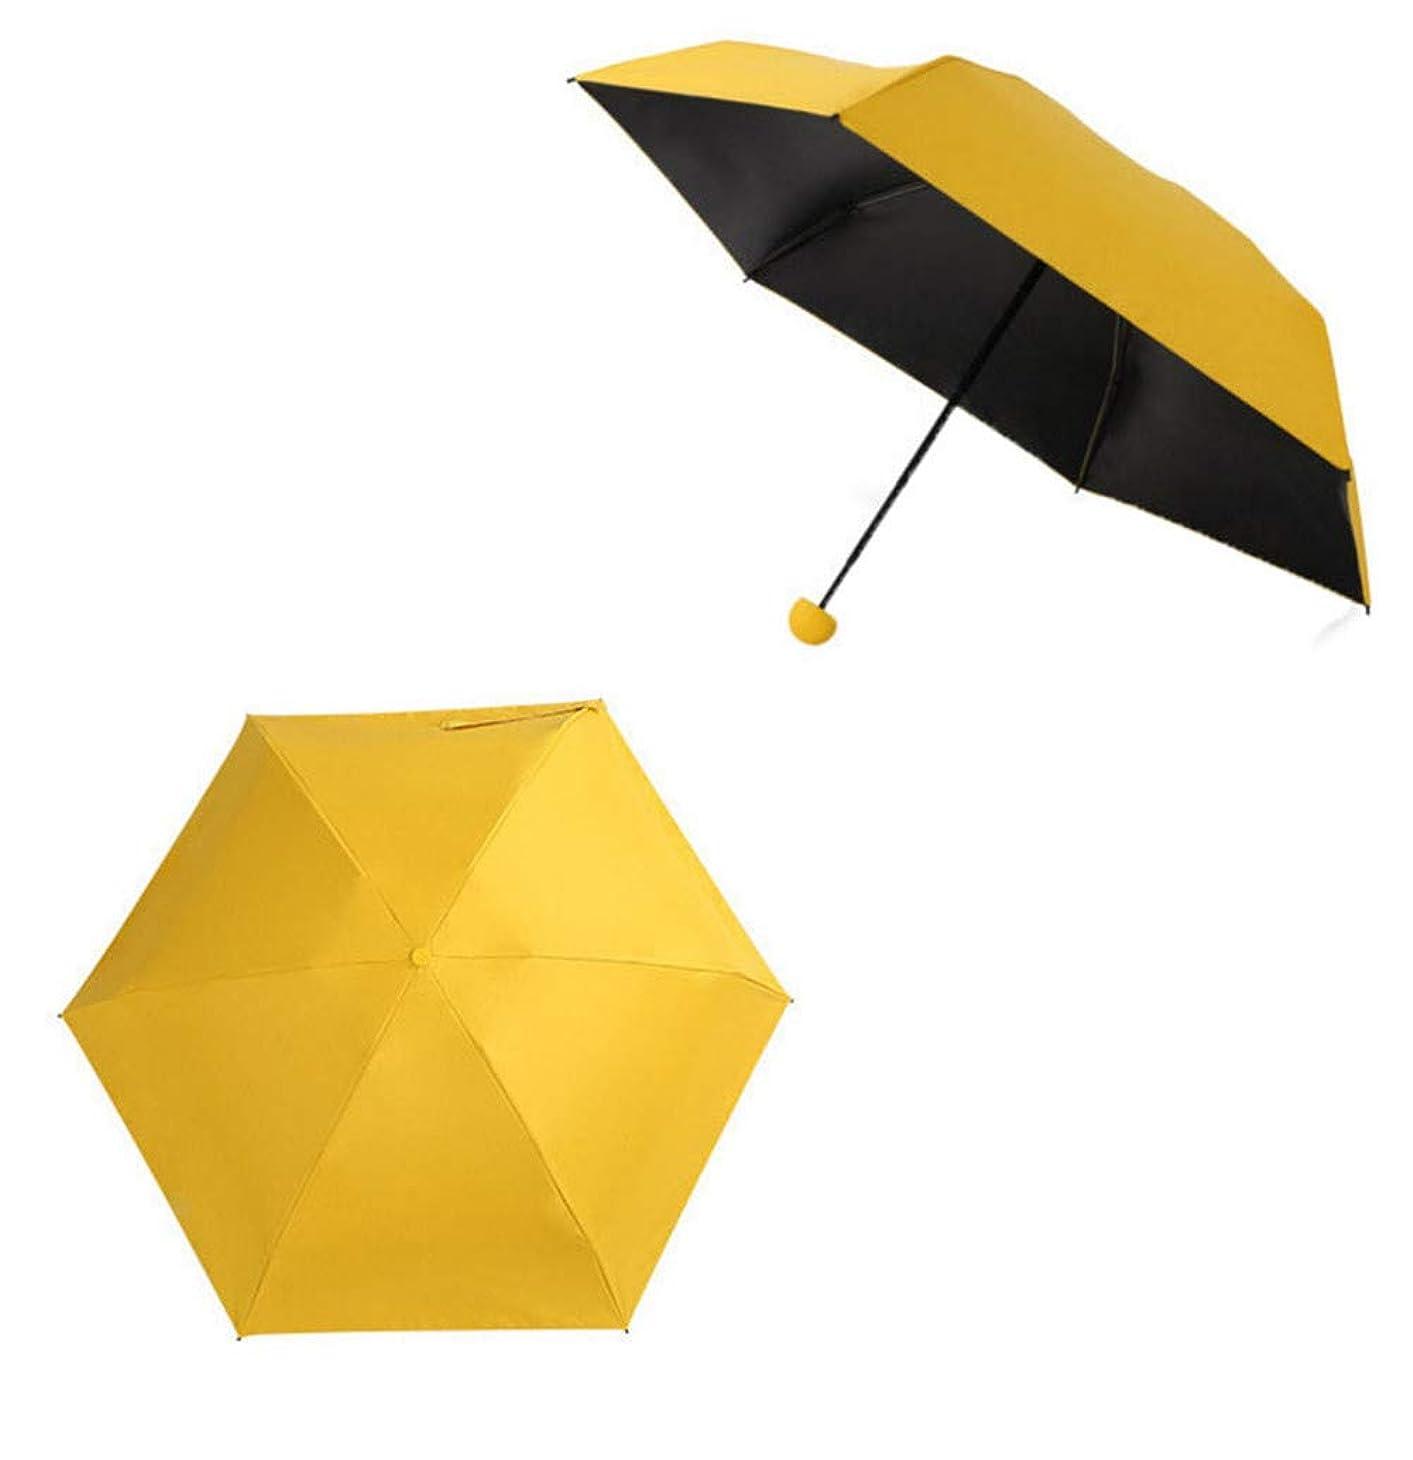 恐怖症かんたん言うまでもなく折り畳み傘 カプセル傘 完全遮光 UVカット 紫外線遮蔽率99% 遮光 遮熱 耐風撥水携帯しやすい レディー 晴雨兼用 ミニ傘 六本骨